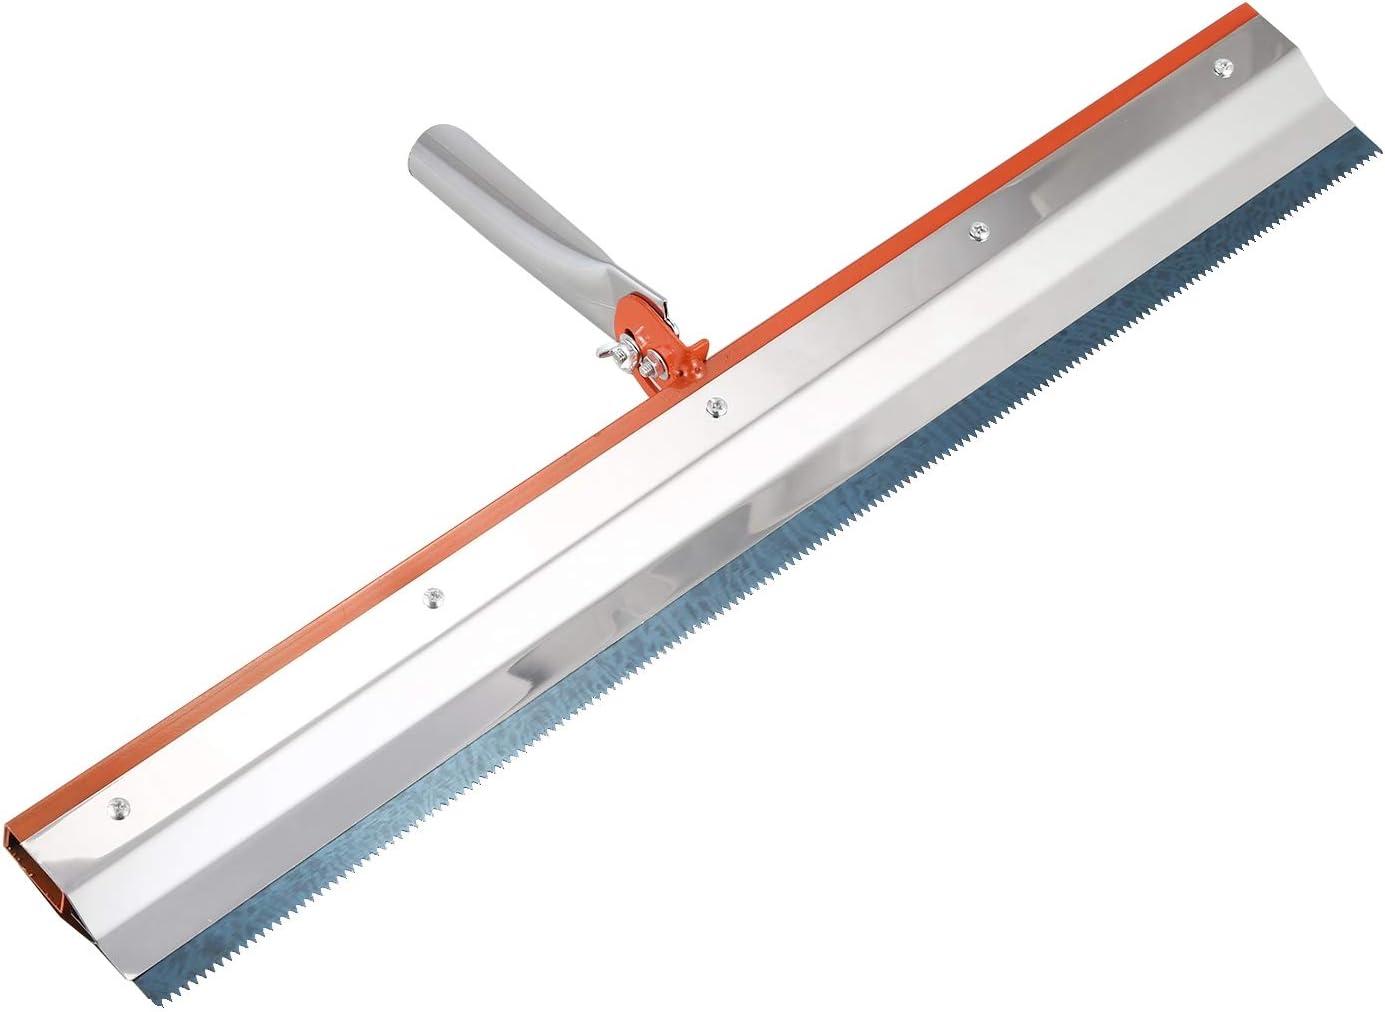 Domilay/Edelstahl Zahnrakel Epoxy Cement Painting Beschichtung Selbstverlaufender Bodenbelag Zahnrad Schwader Aufbau Werkzeuge Teil